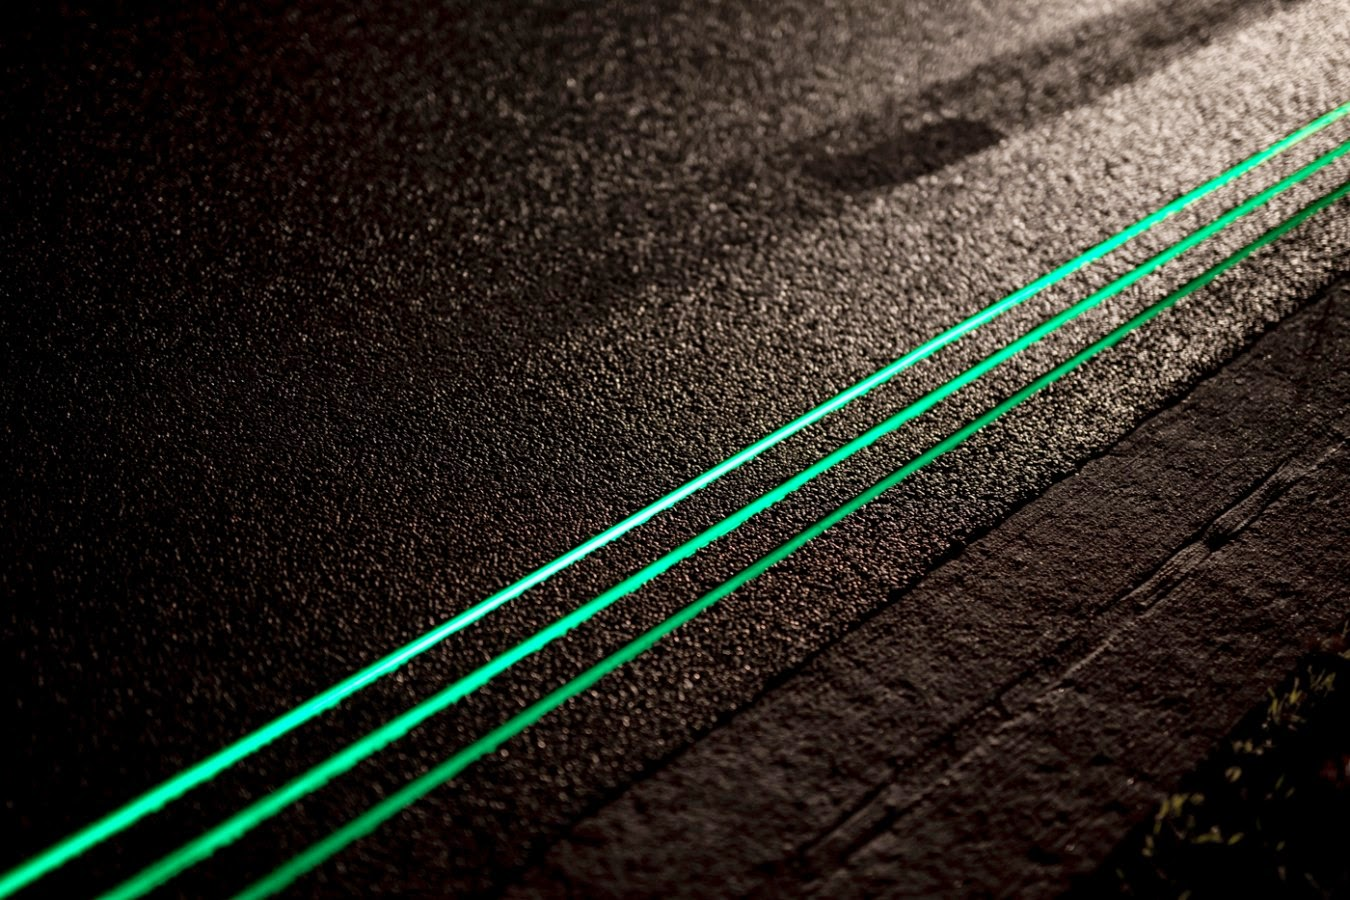 Glowing lines, por Daan Roosegaarde